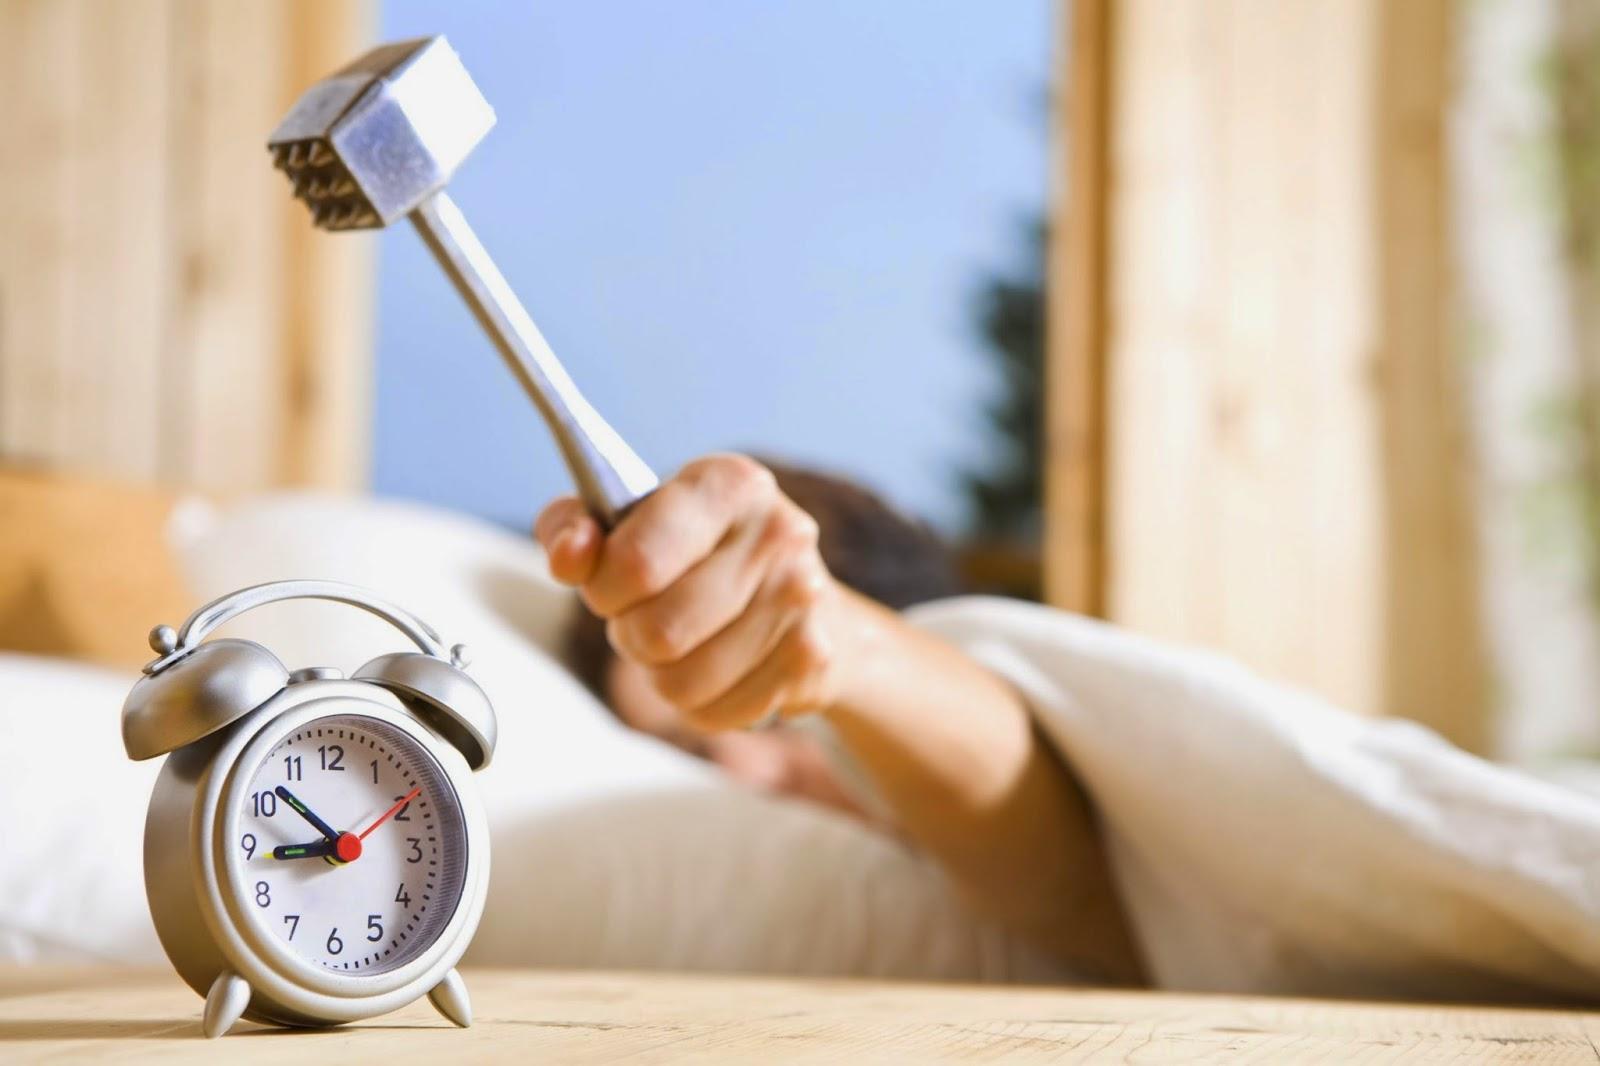 Как быстро и легко просыпаться по утрам : учимся вставать рано утром без 65